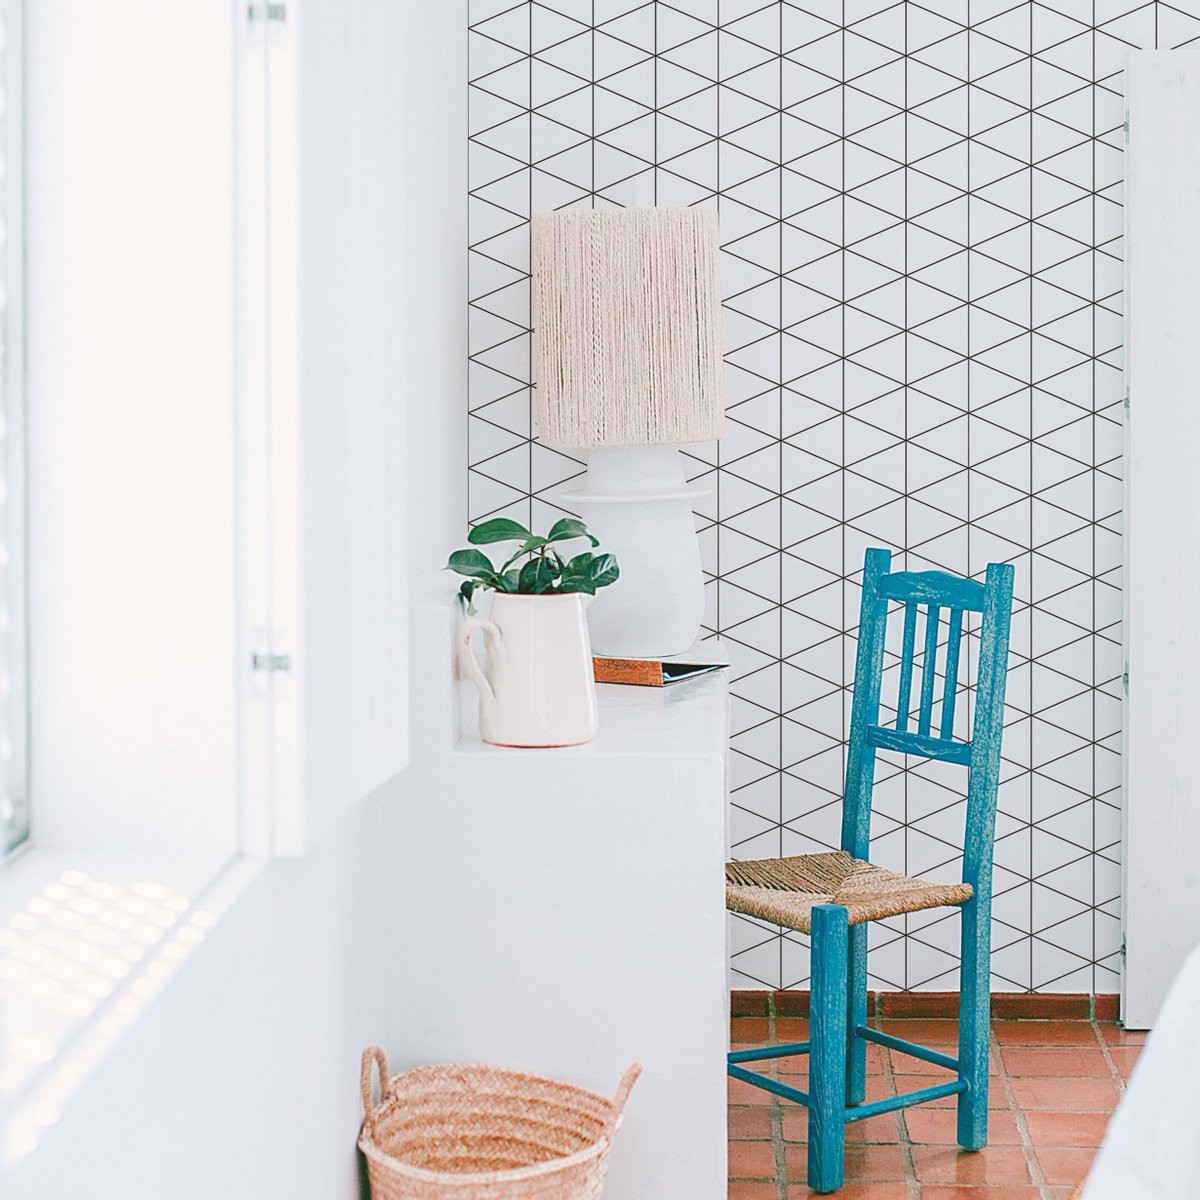 壁紙専門店 カベラボ 爽やかな 白いチェック 柄は色付の家具や雑貨と組み合わせやすく おしゃれ に インテリア に取り入れることが出来ます 北欧 北欧ナチュラル インテリア アクセントクロス 壁紙 壁 クロス 部屋 インテリア